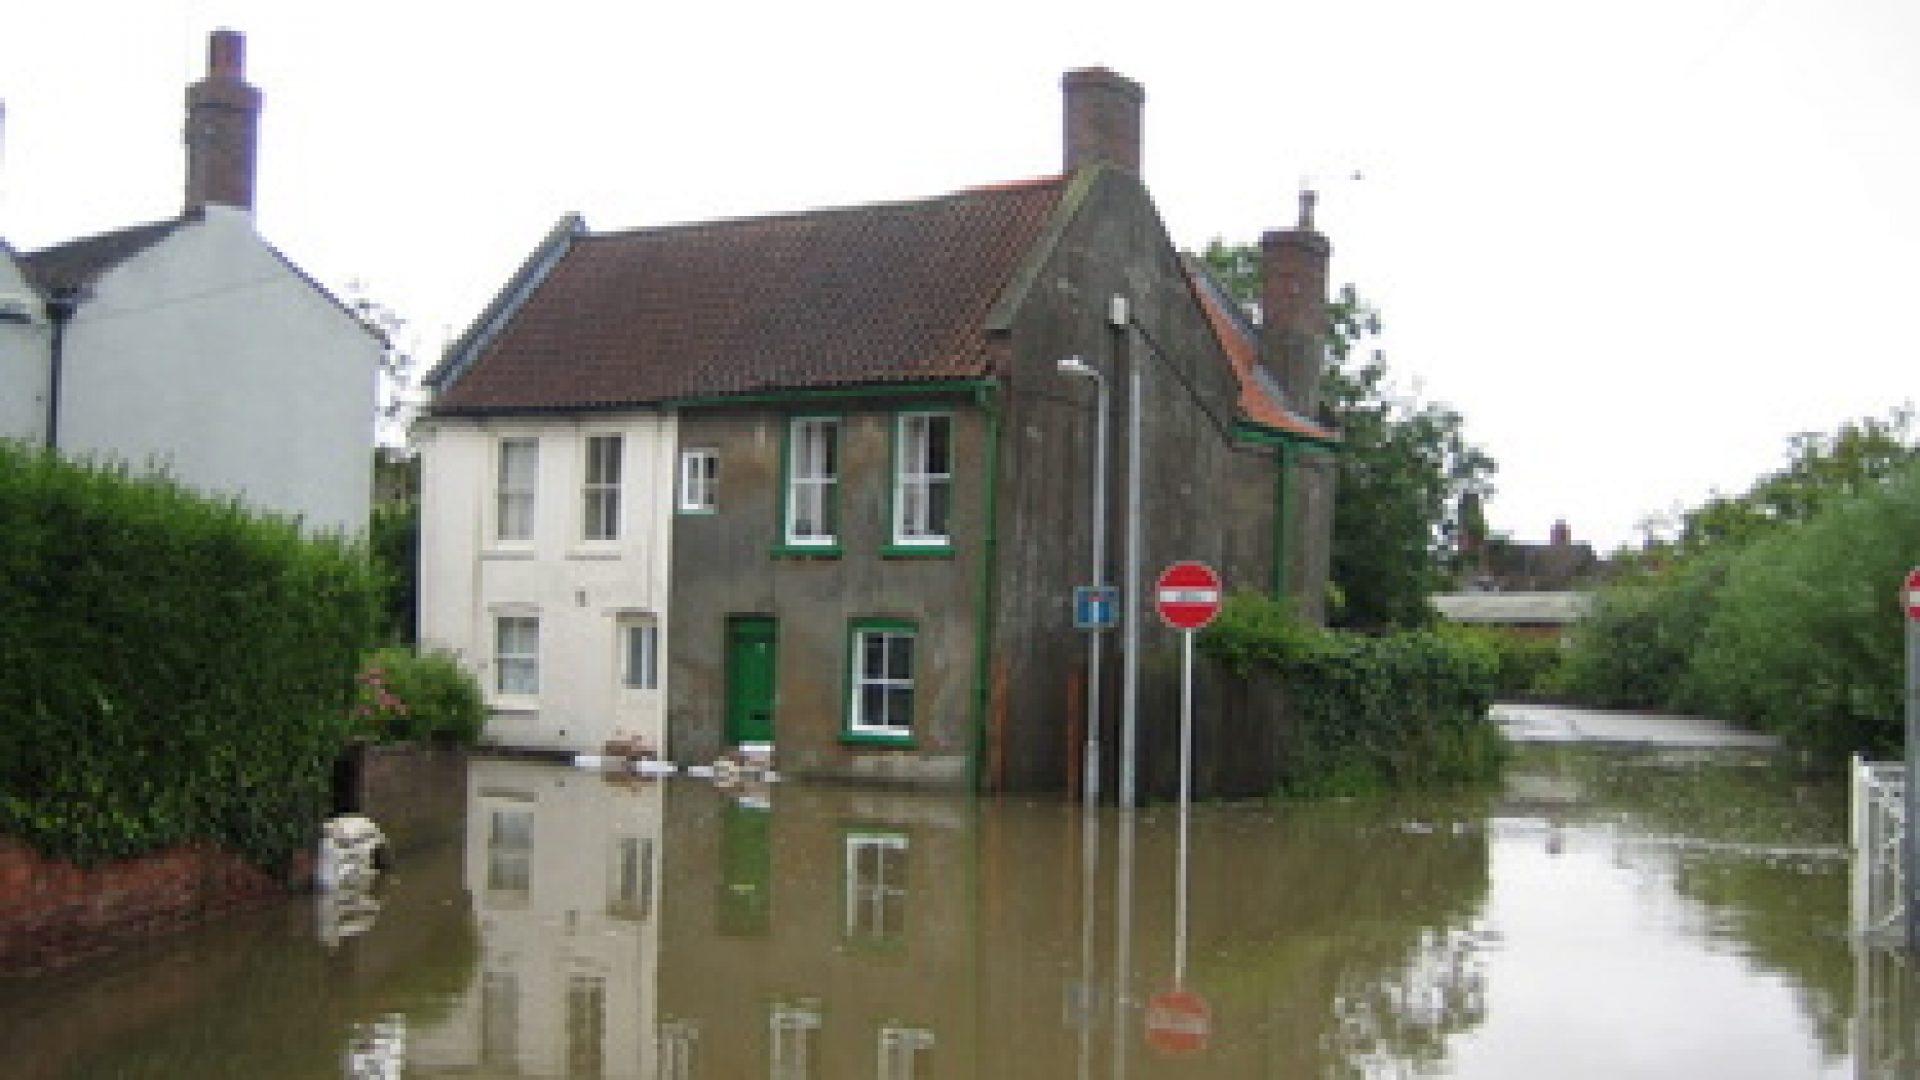 Horncastle Flood Alleviation Scheme update